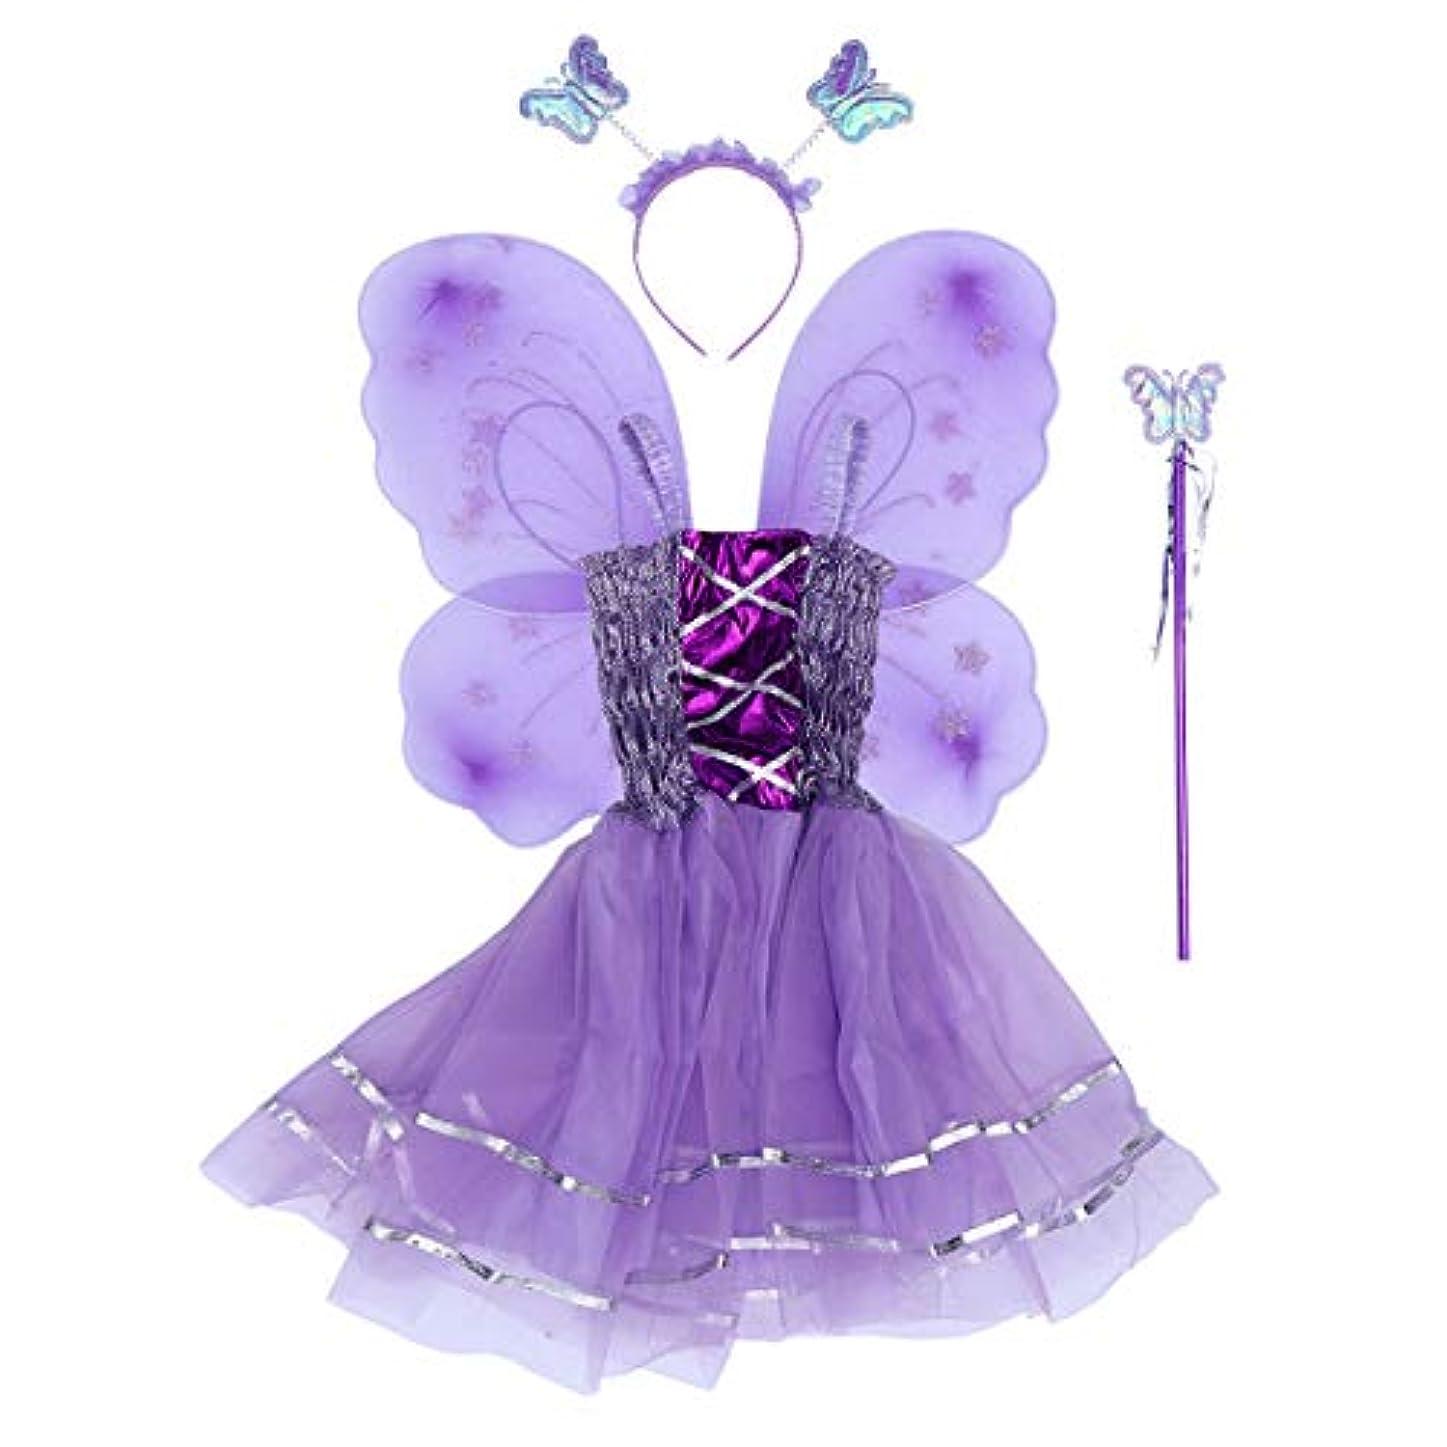 ヒギンズ慎重タイルBESTOYARD 4個の女の子バタフライプリンセス妖精のコスチュームセットバタフライウィング、ワンド、ヘッドバンドとツツードレス(バイオレット)